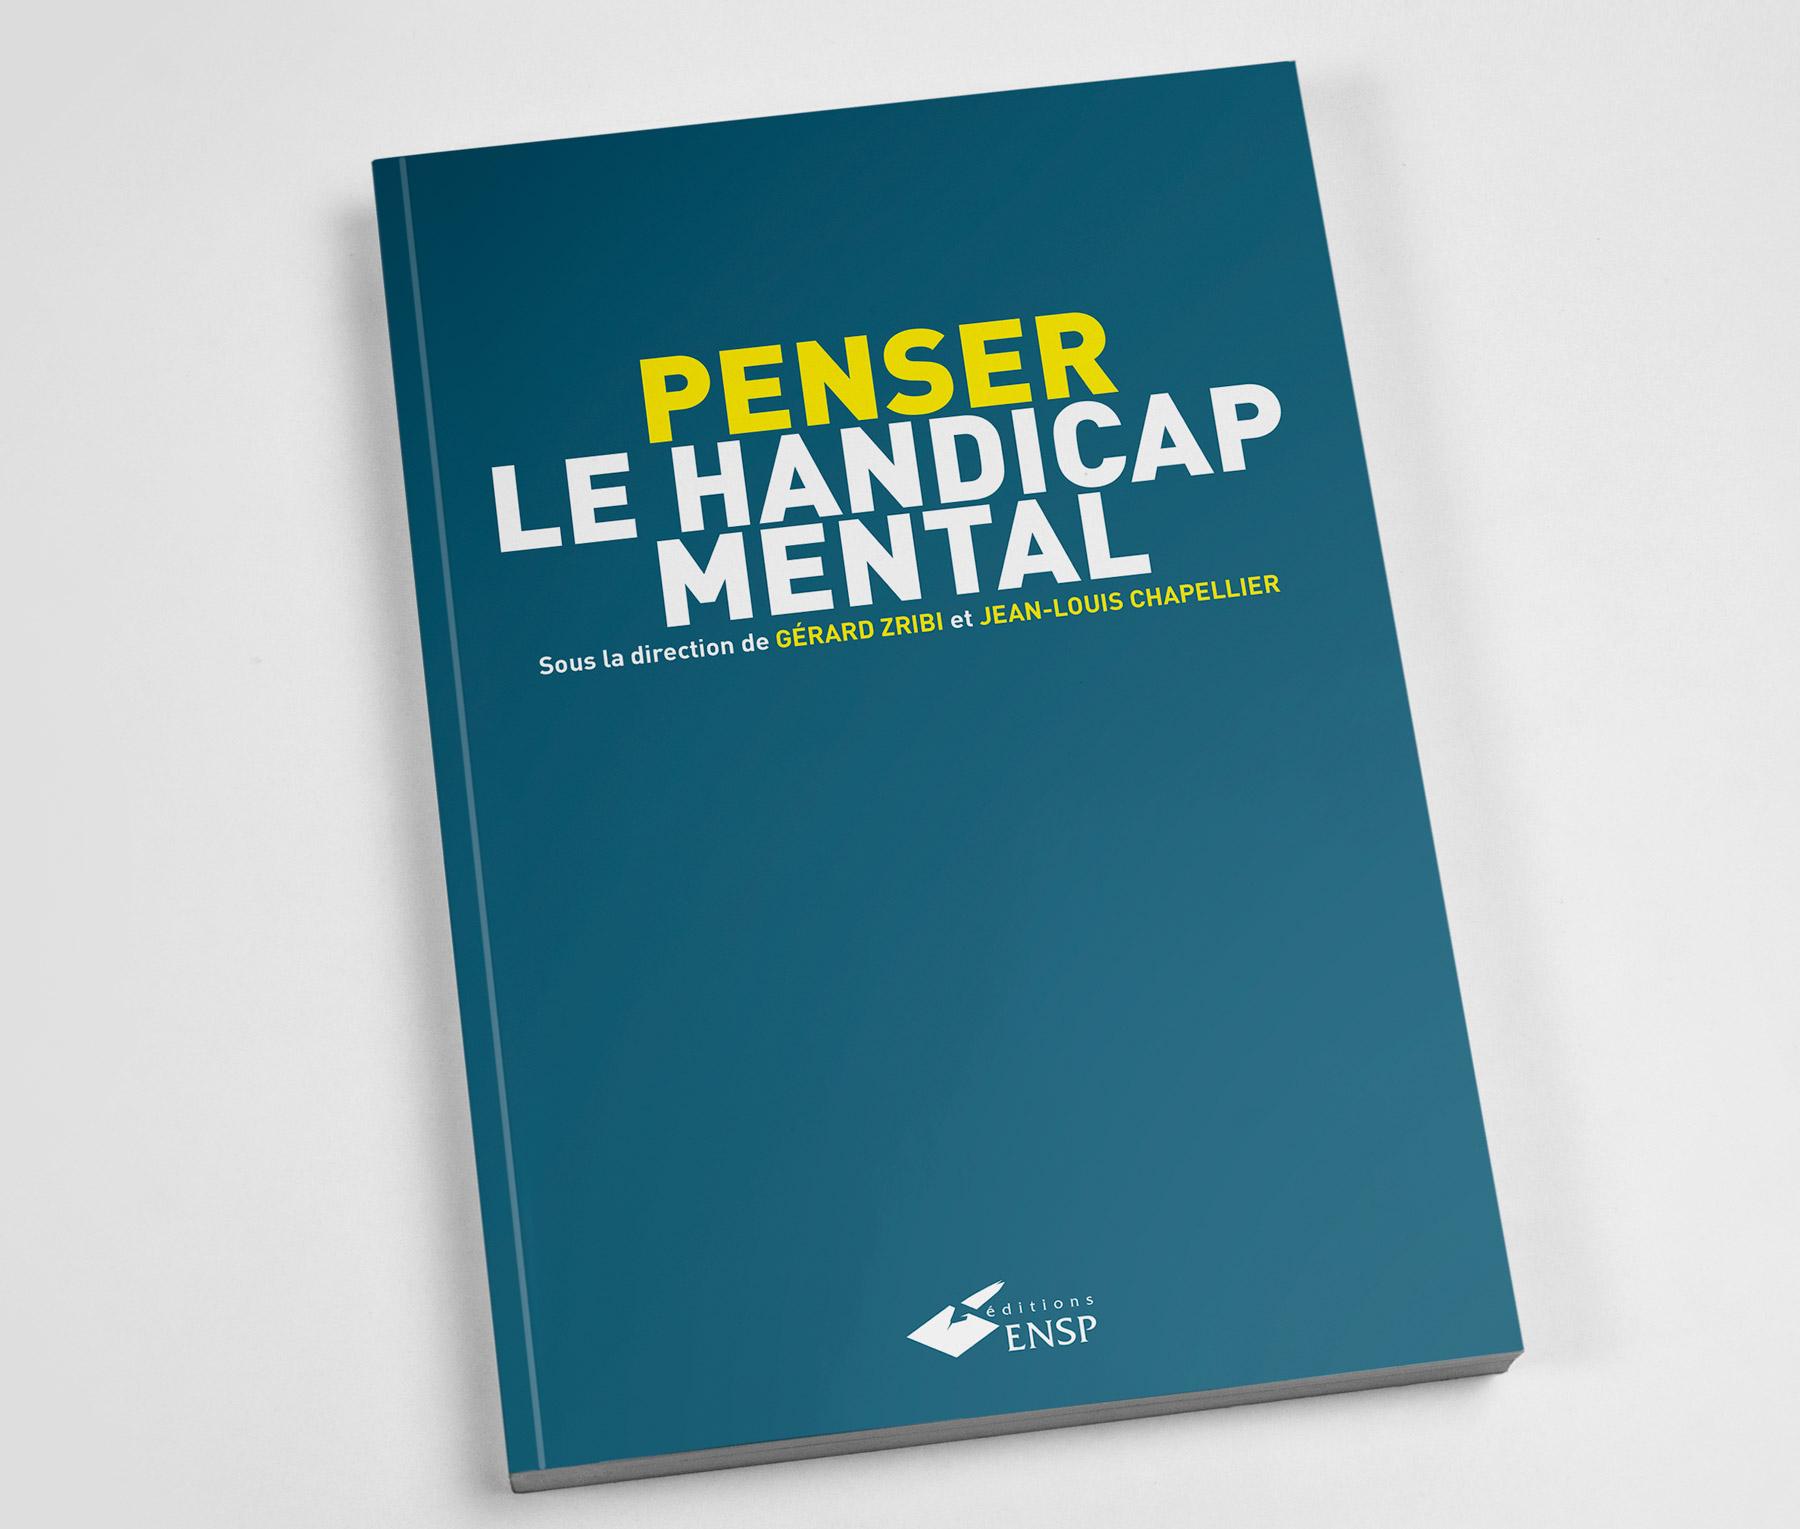 Publication Penser le handicap mental par Gérard Zribi et jean-Louis Chapellier